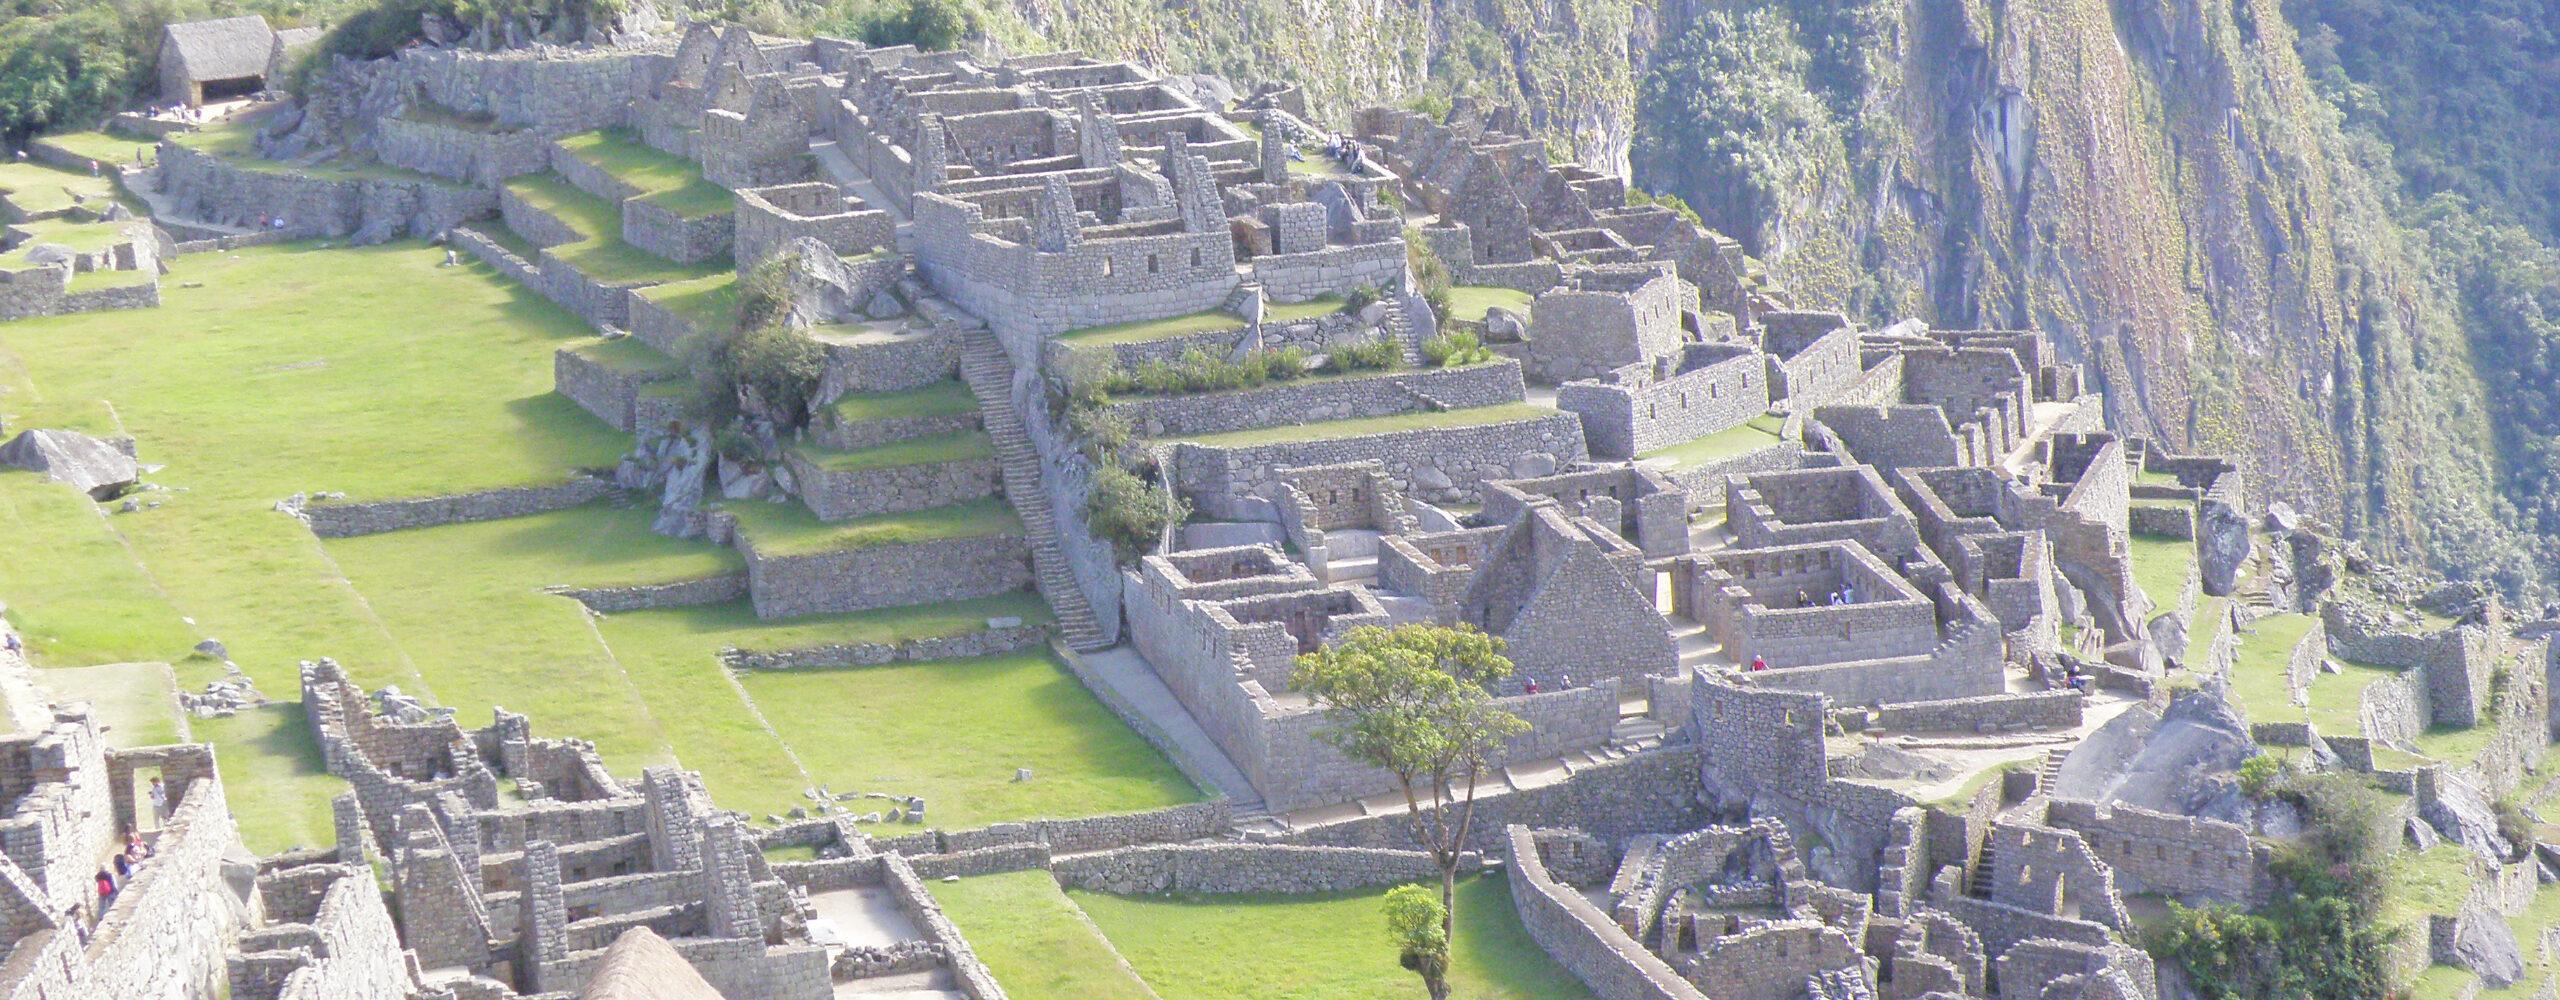 Жемчужина Перу— Мачу-Пикчу.